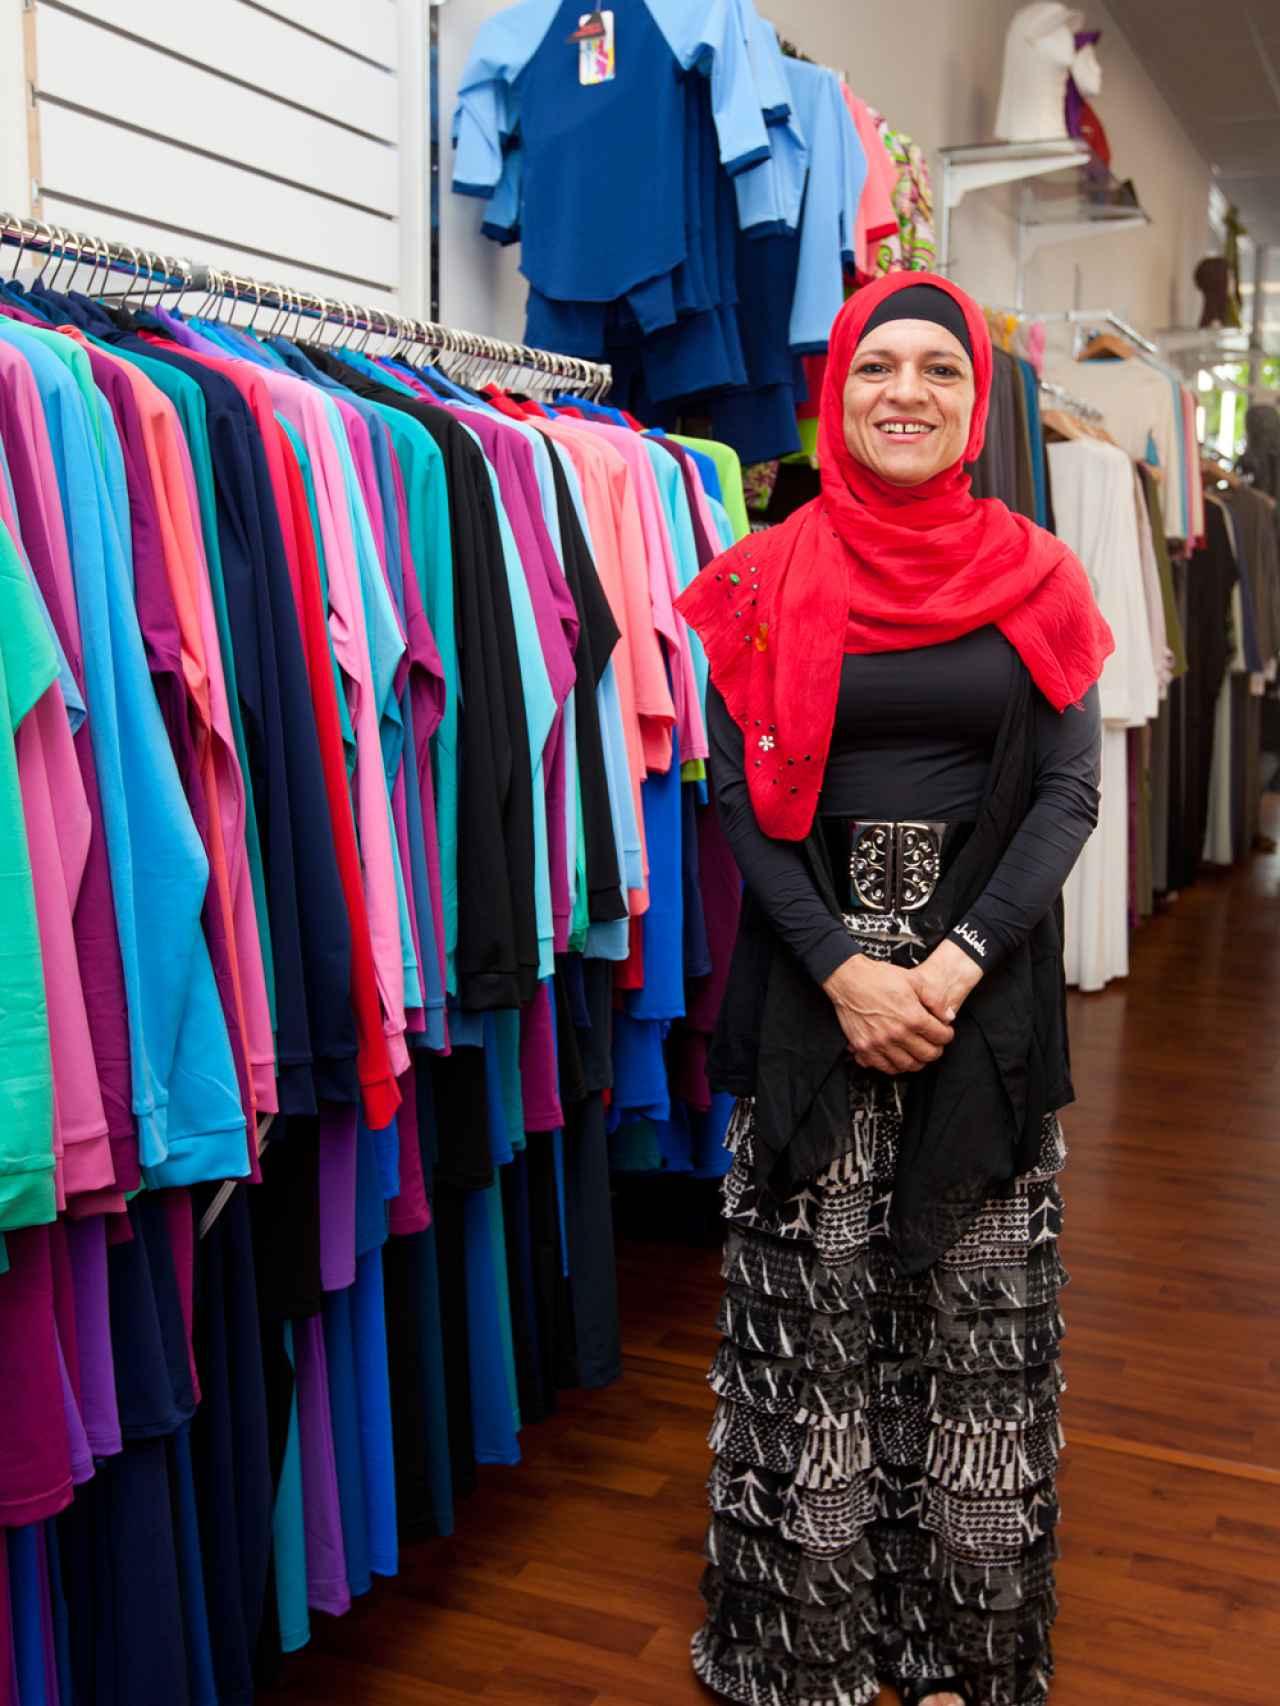 Aheda Zanetti junto a algunos de los trajes que ha diseñado.